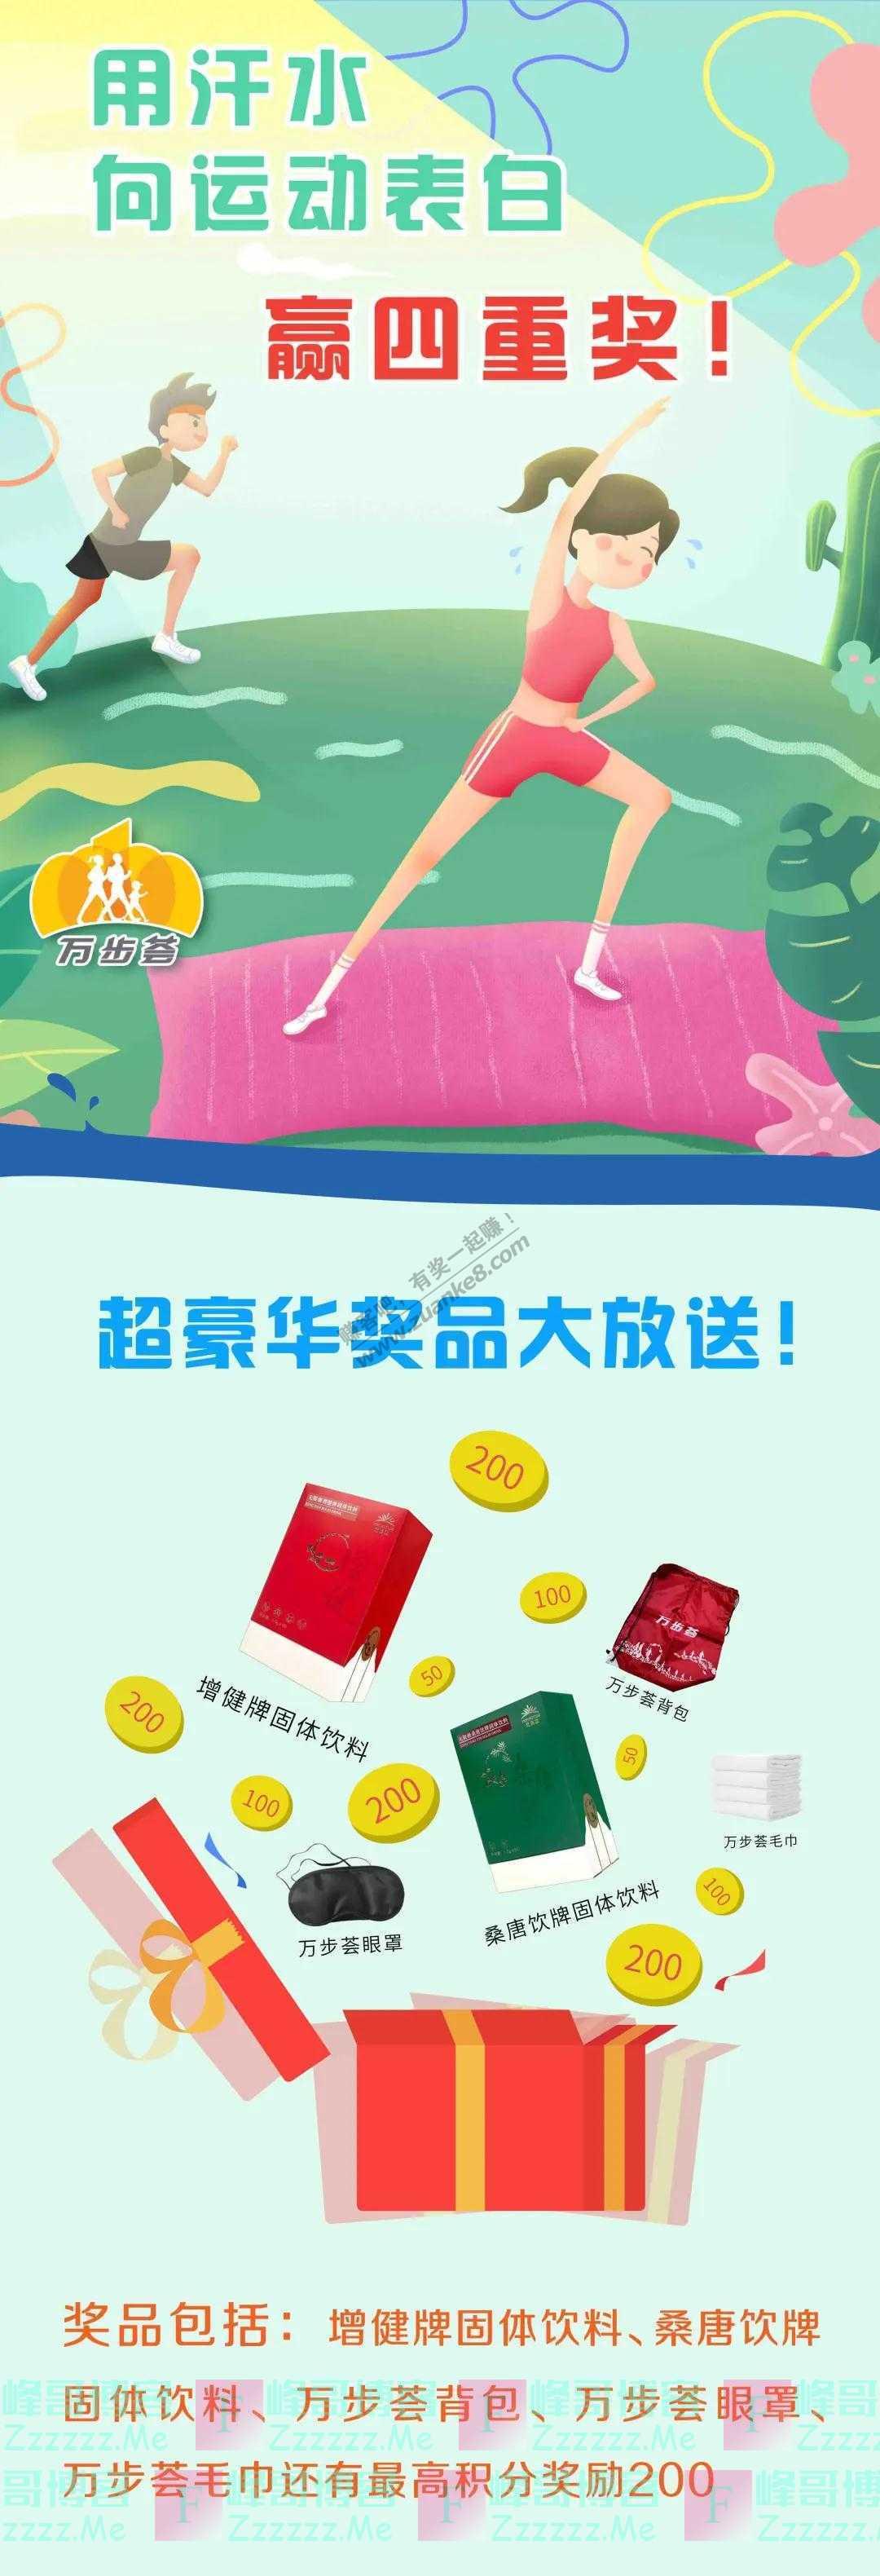 调养家【万步荟】用汗水,向运动表白,赢四重奖(截止6月23日)